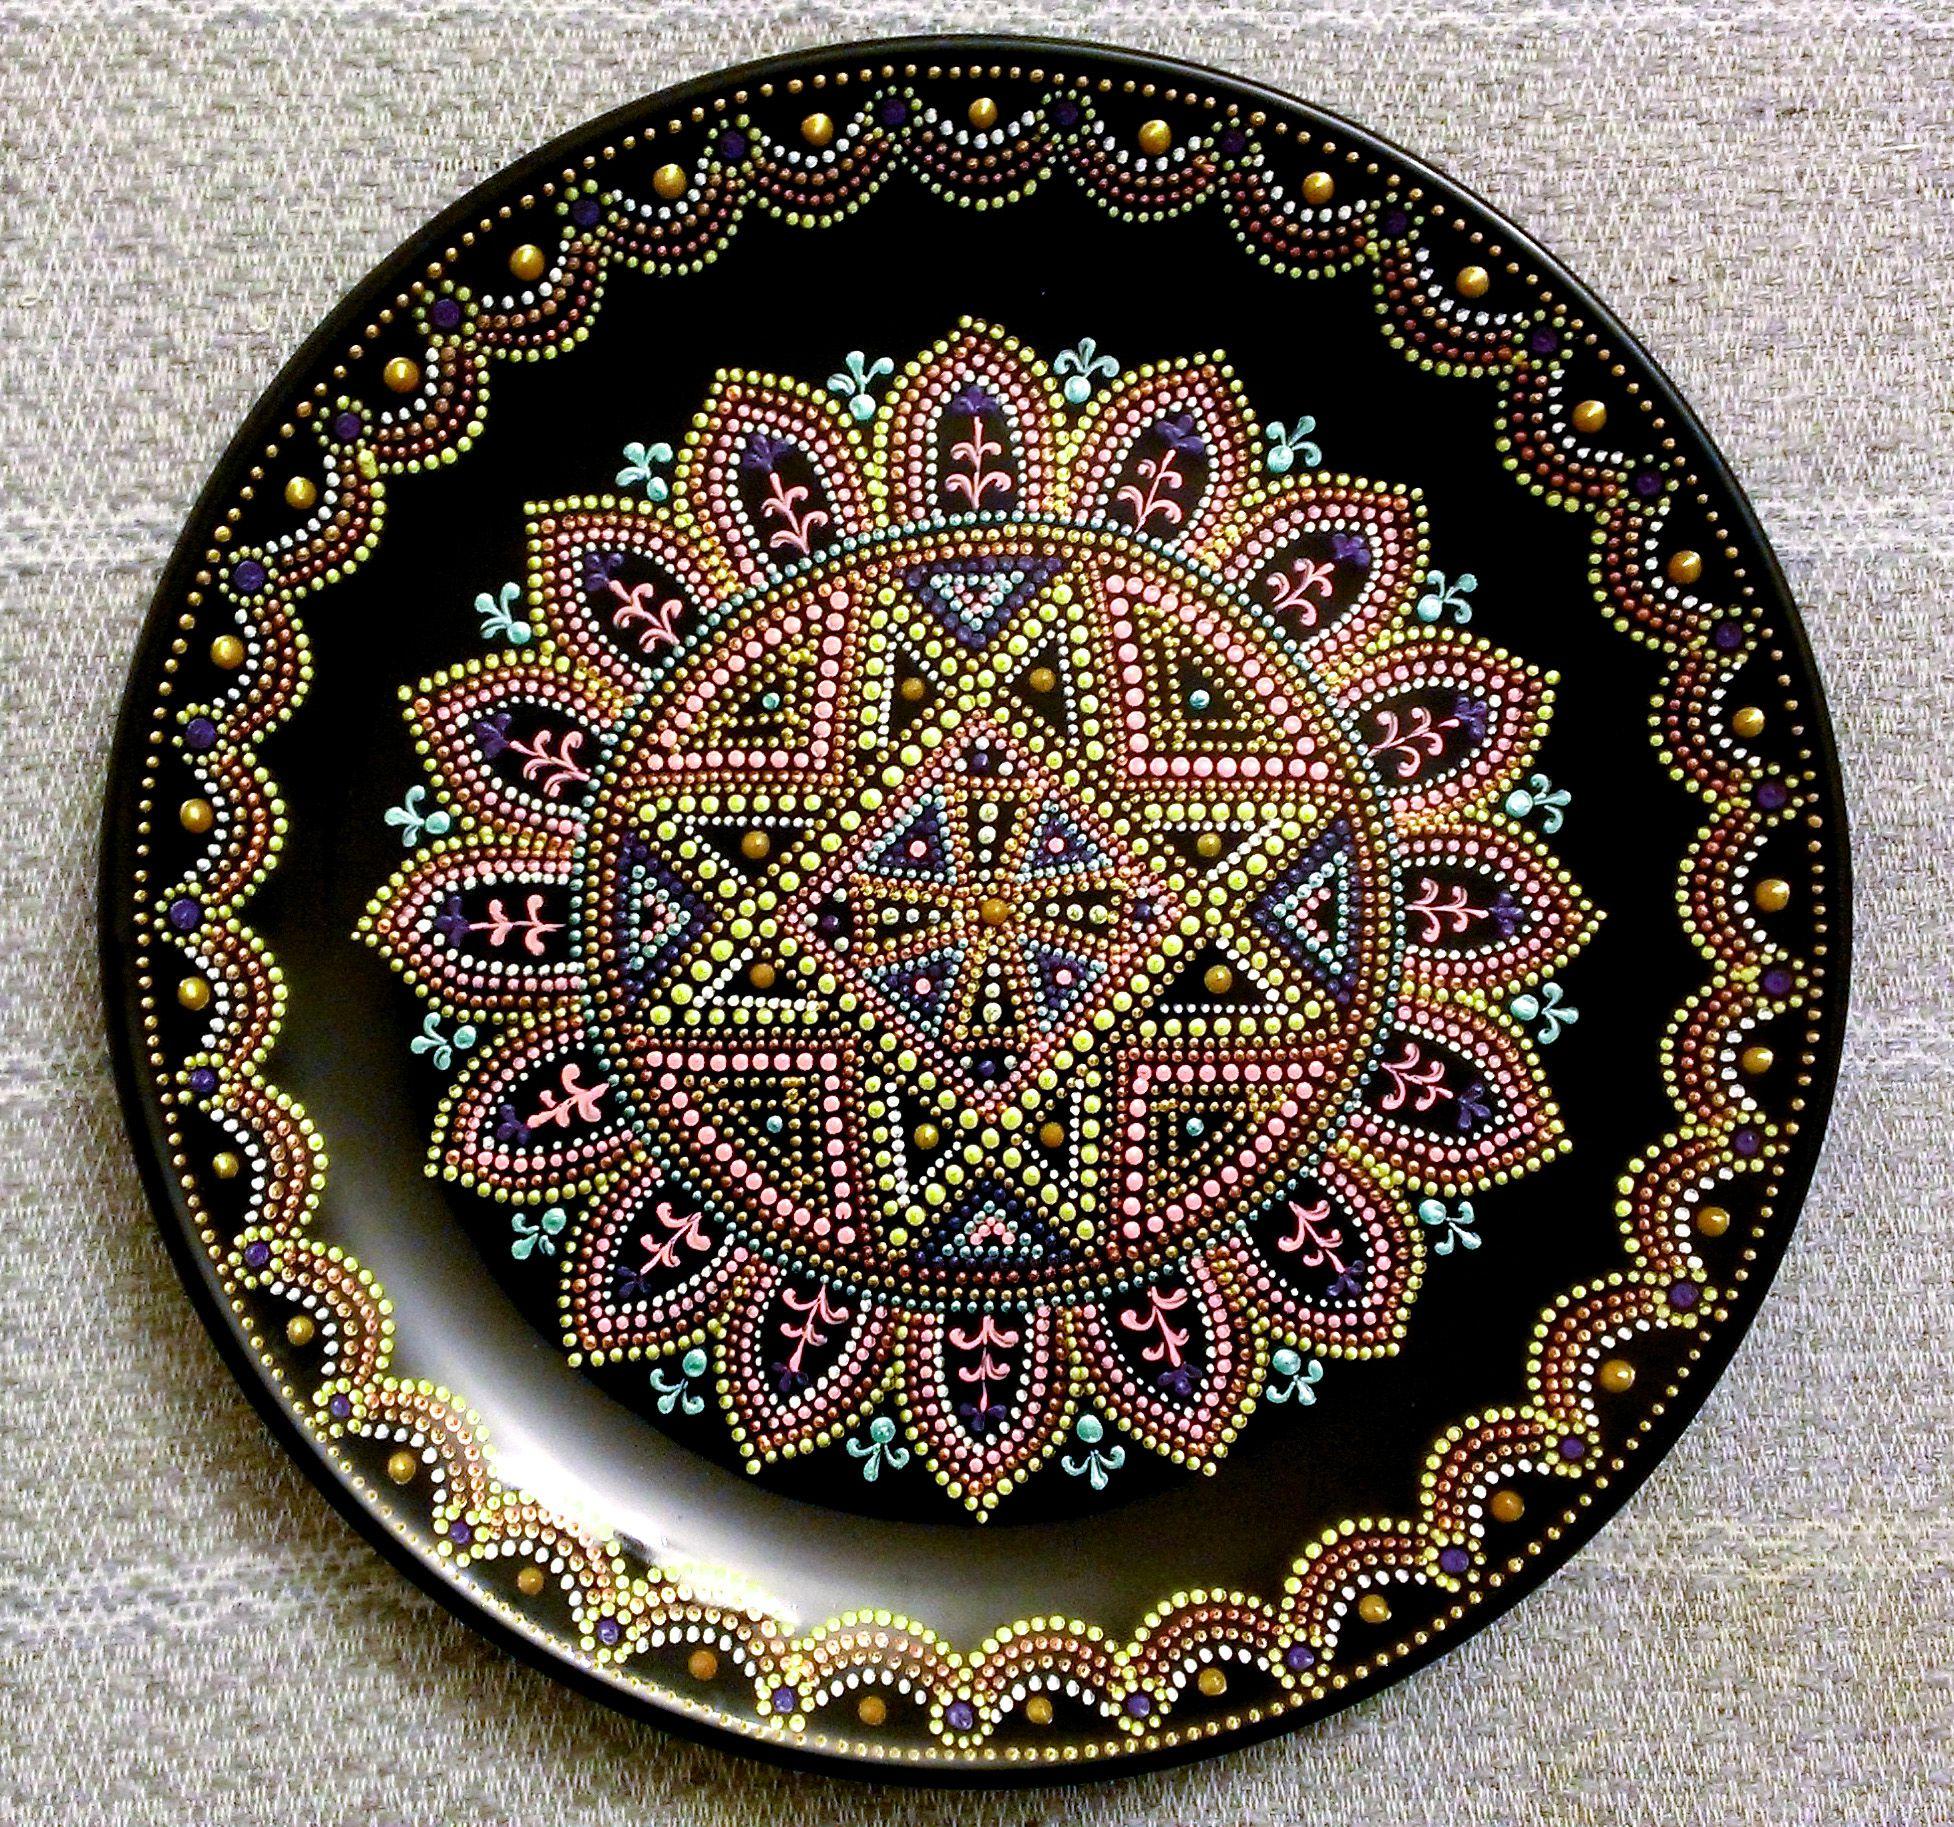 ручнаяработа мальта восточныеузоры декоративнаятарелка декор точечнаяроспись тарелка handmade подарок